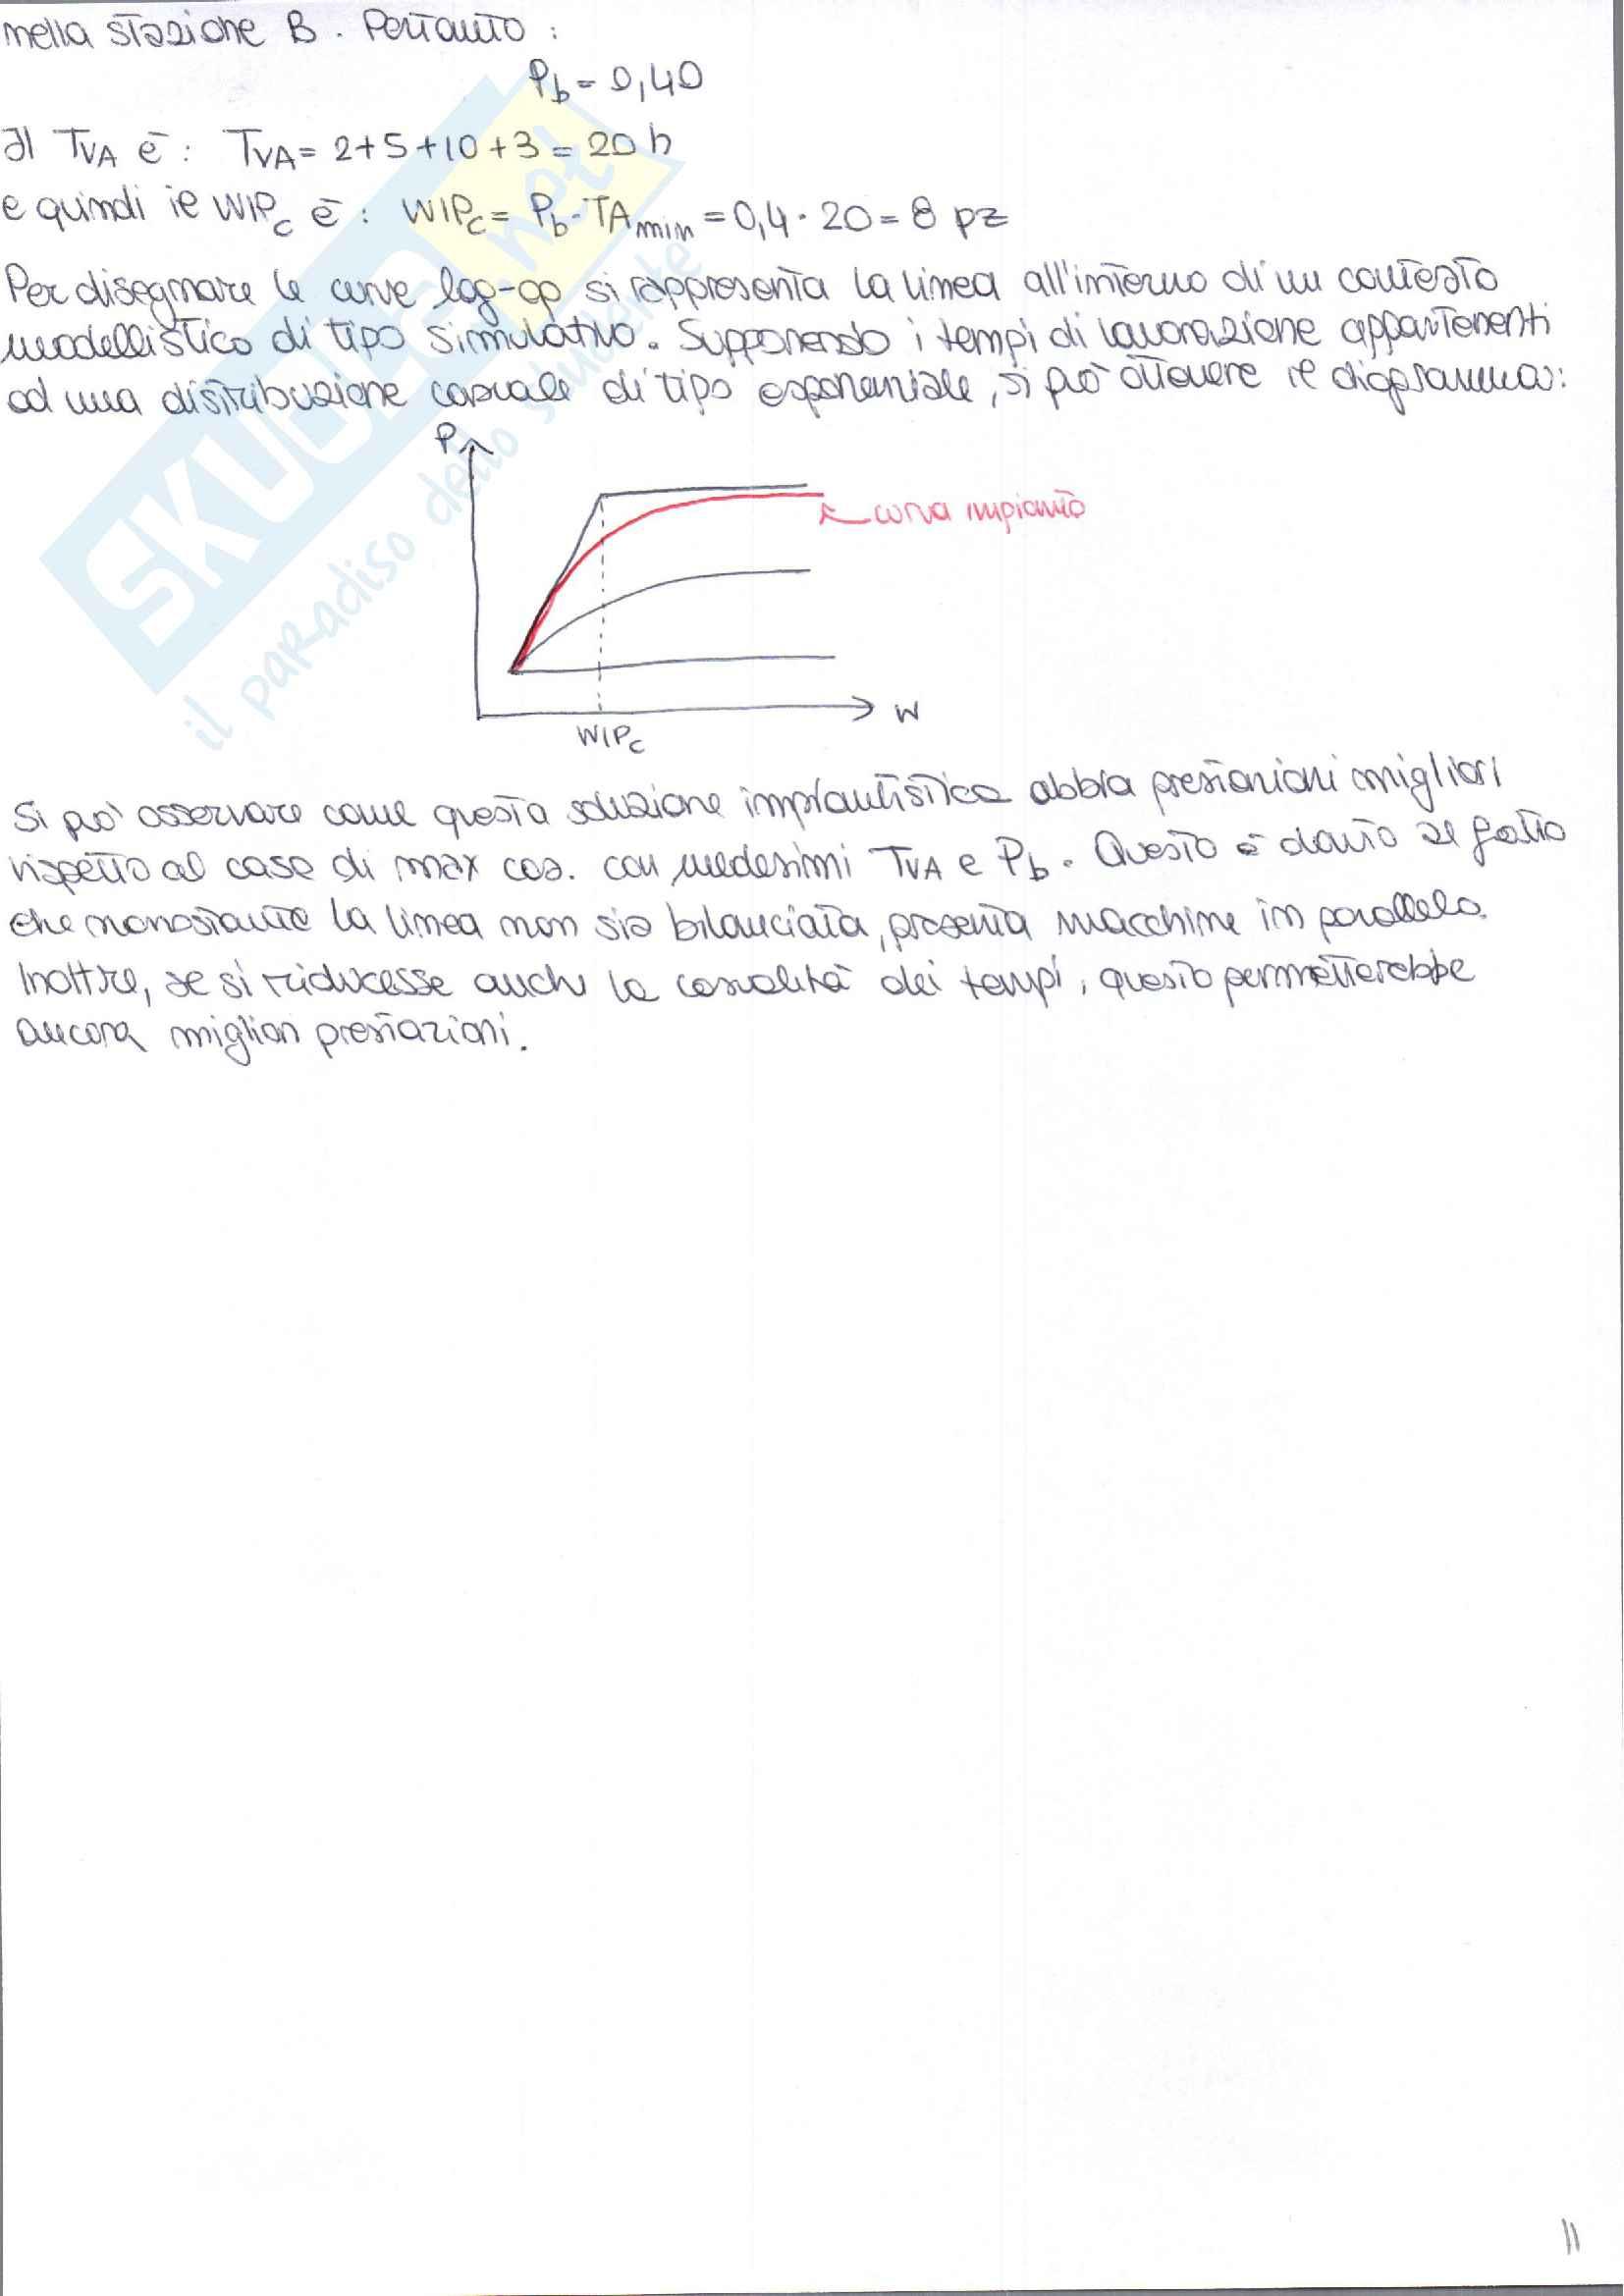 Appunti di Gestione degli Impianti Industriali prof. Costantino Pag. 21